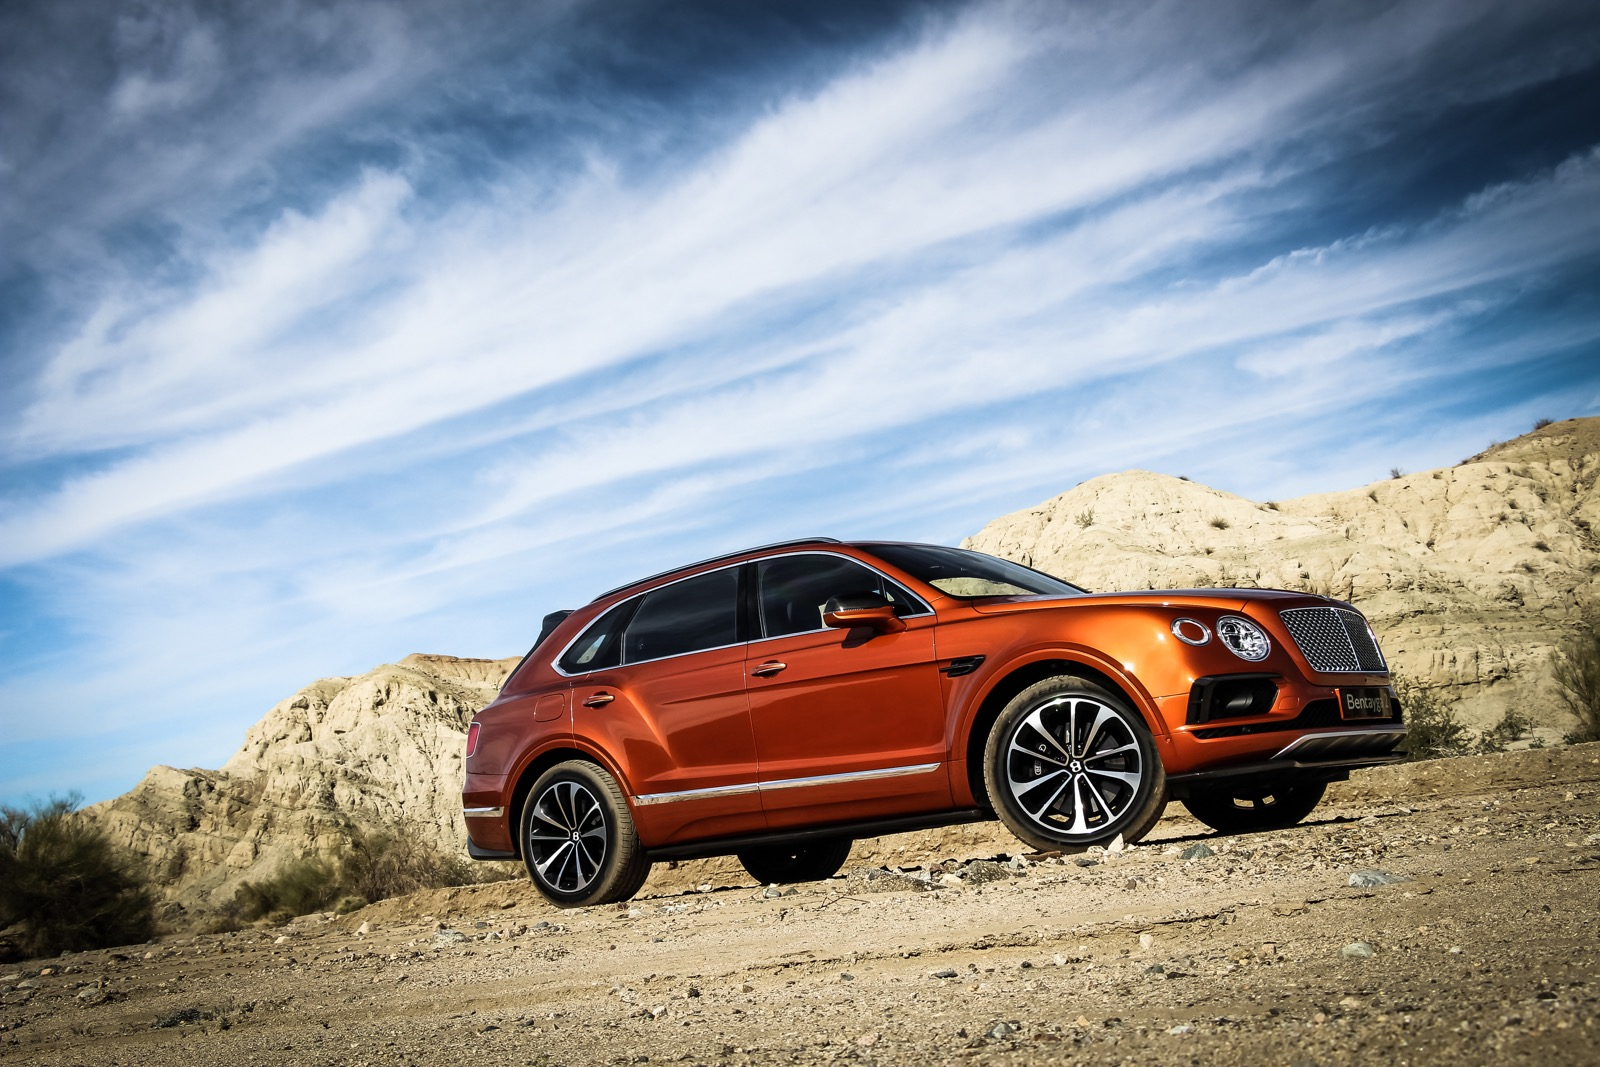 Bentley Bentayga Orange